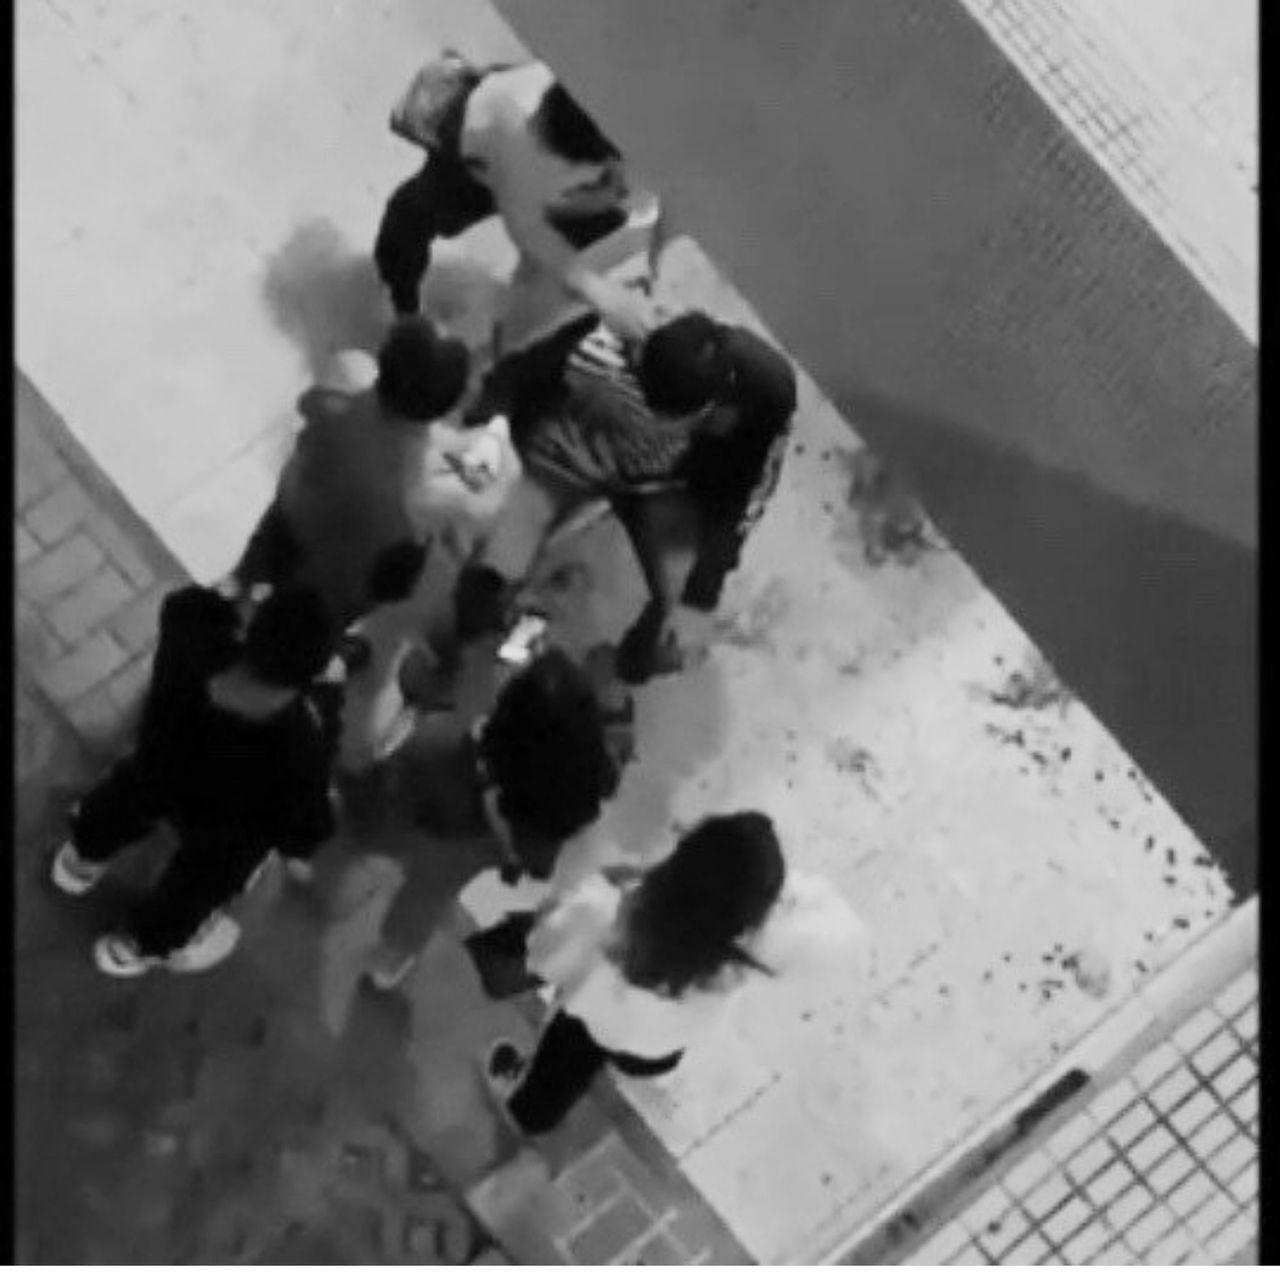 彰化某大學今晚傳出學生在校園被砍傷案,據傳是檢舉考試作弊才被砍,警方已介入調查,...